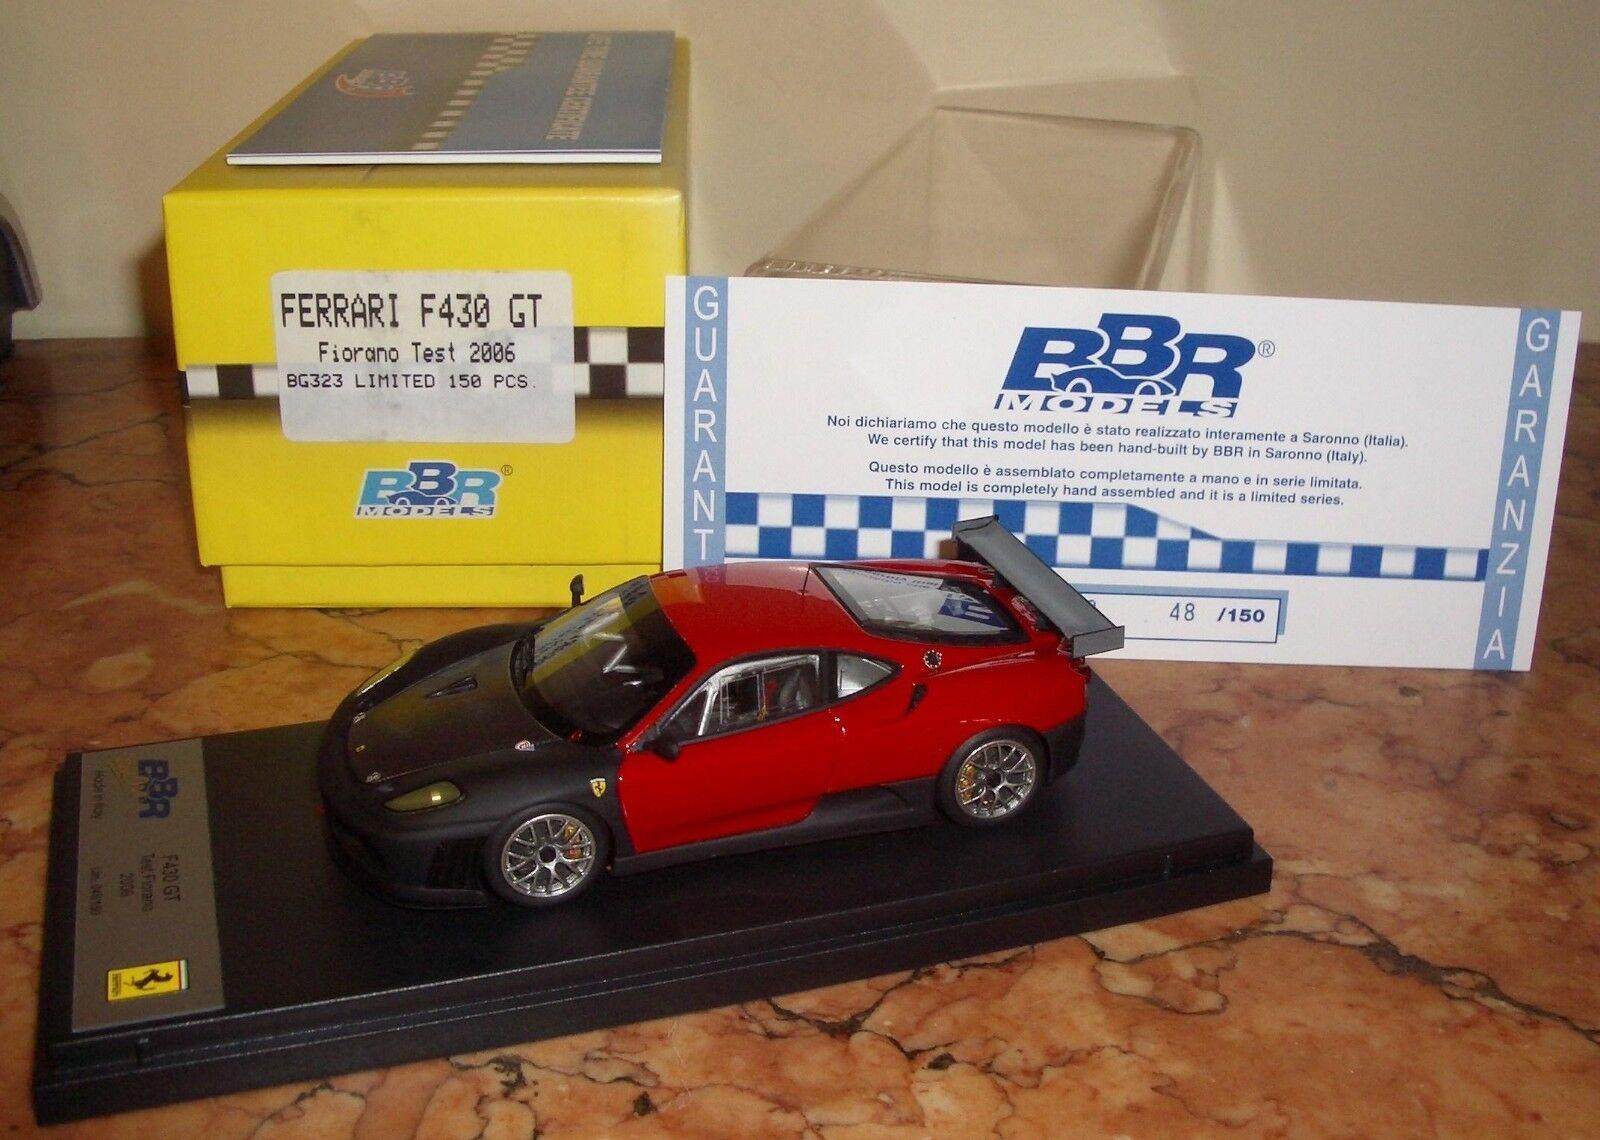 1 43 BBR Ferrari f430 GT Fiorano Test 2006 Ltd. of 150 pcs. MIB V. Rare N ABC